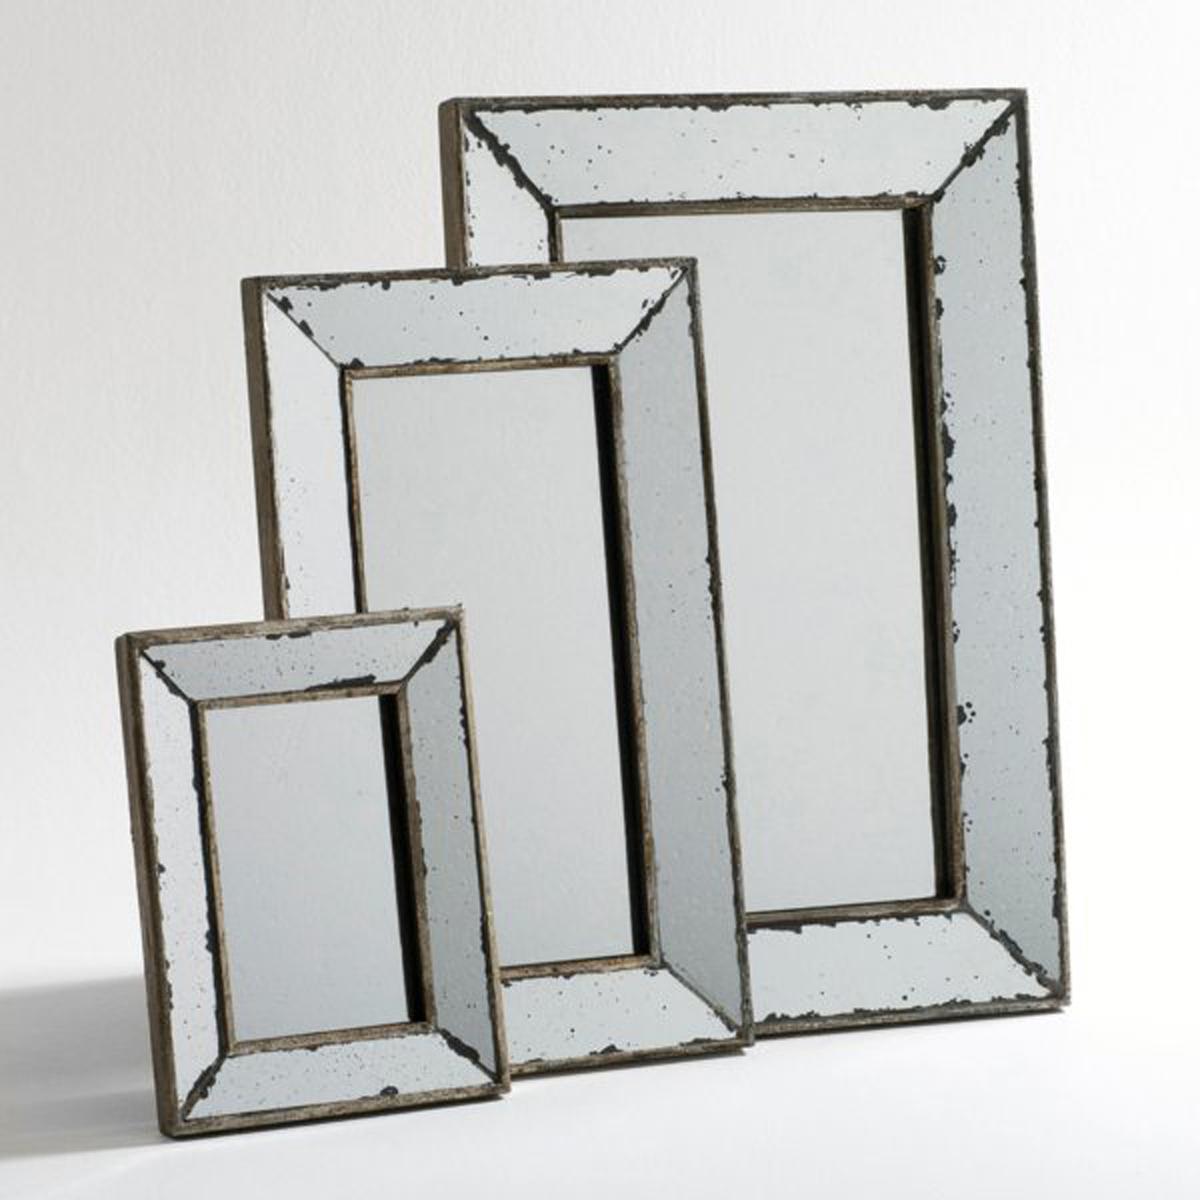 Зеркало в ретро-стиле, маленькая модель Д23,5 x В31,5 см, EdwinЗеркало, маленькая модель Edwin  . Зеркало в старинном стиле  представлено в 3 размерах. Возможность сочетания зеркал для достижения красивого эффекта. Найдите другие размеры на нашем сайте .Размеры  :Д.23,5 x В.31,5 x Г.2 см..<br><br>Цвет: серый серебристый